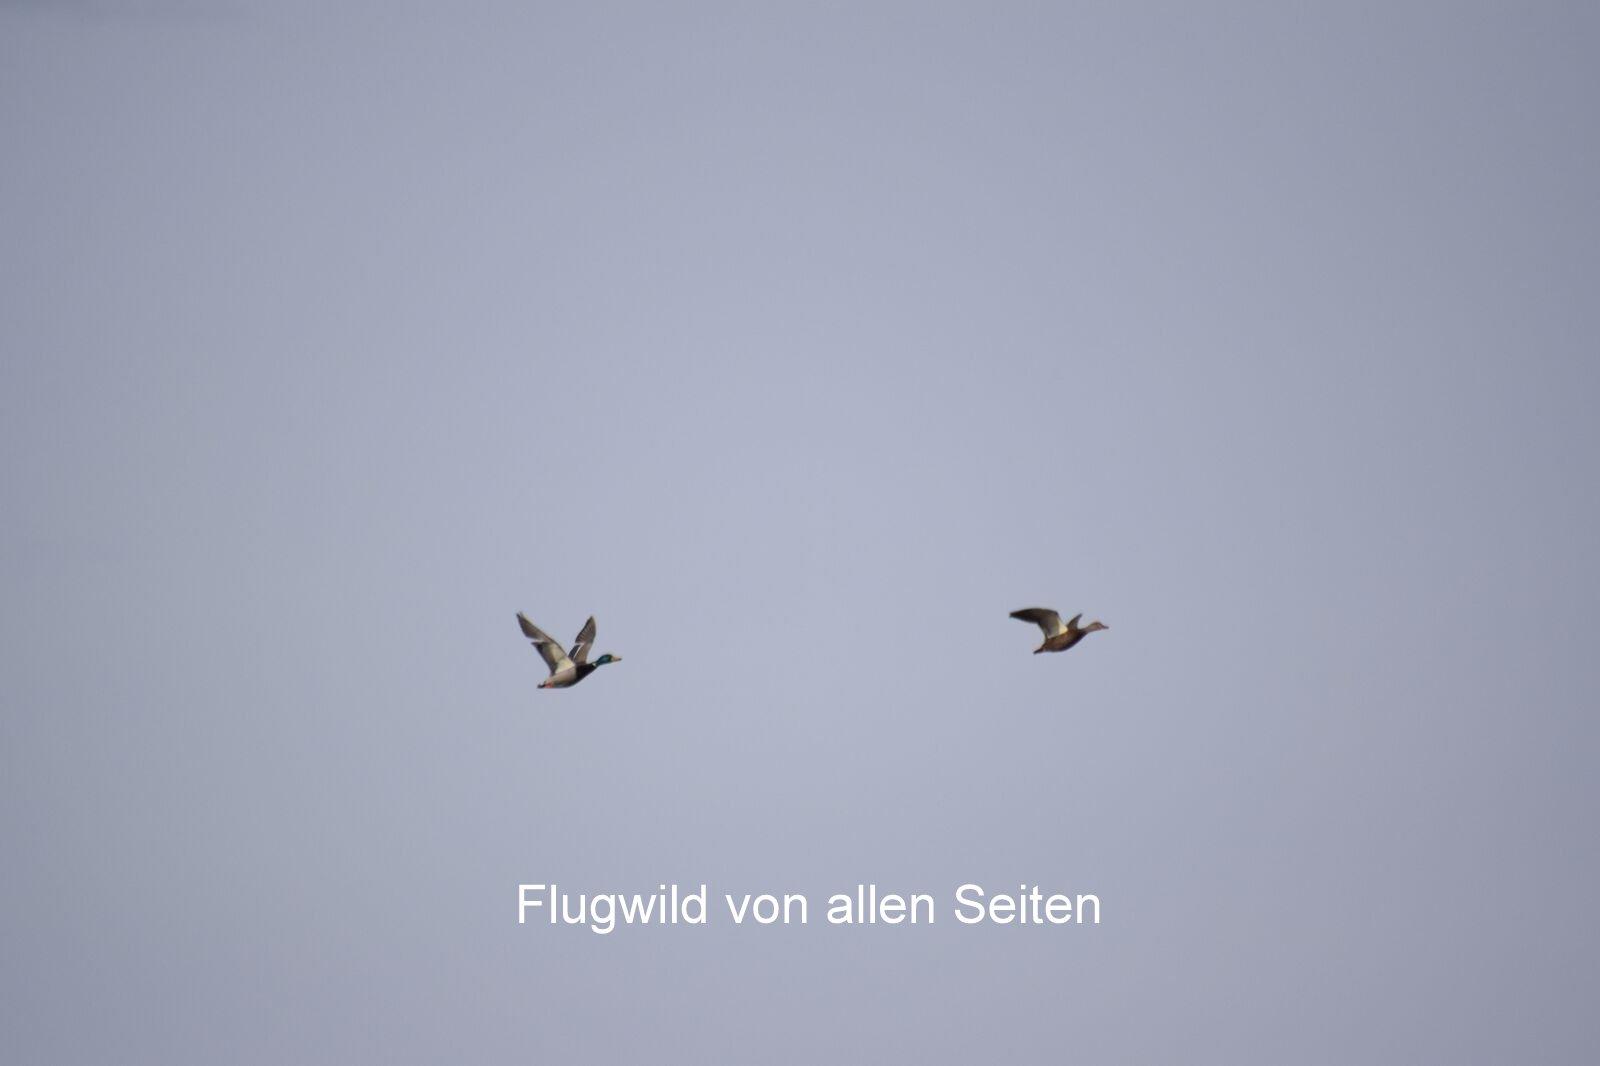 Flugwild von allen Seiten ...